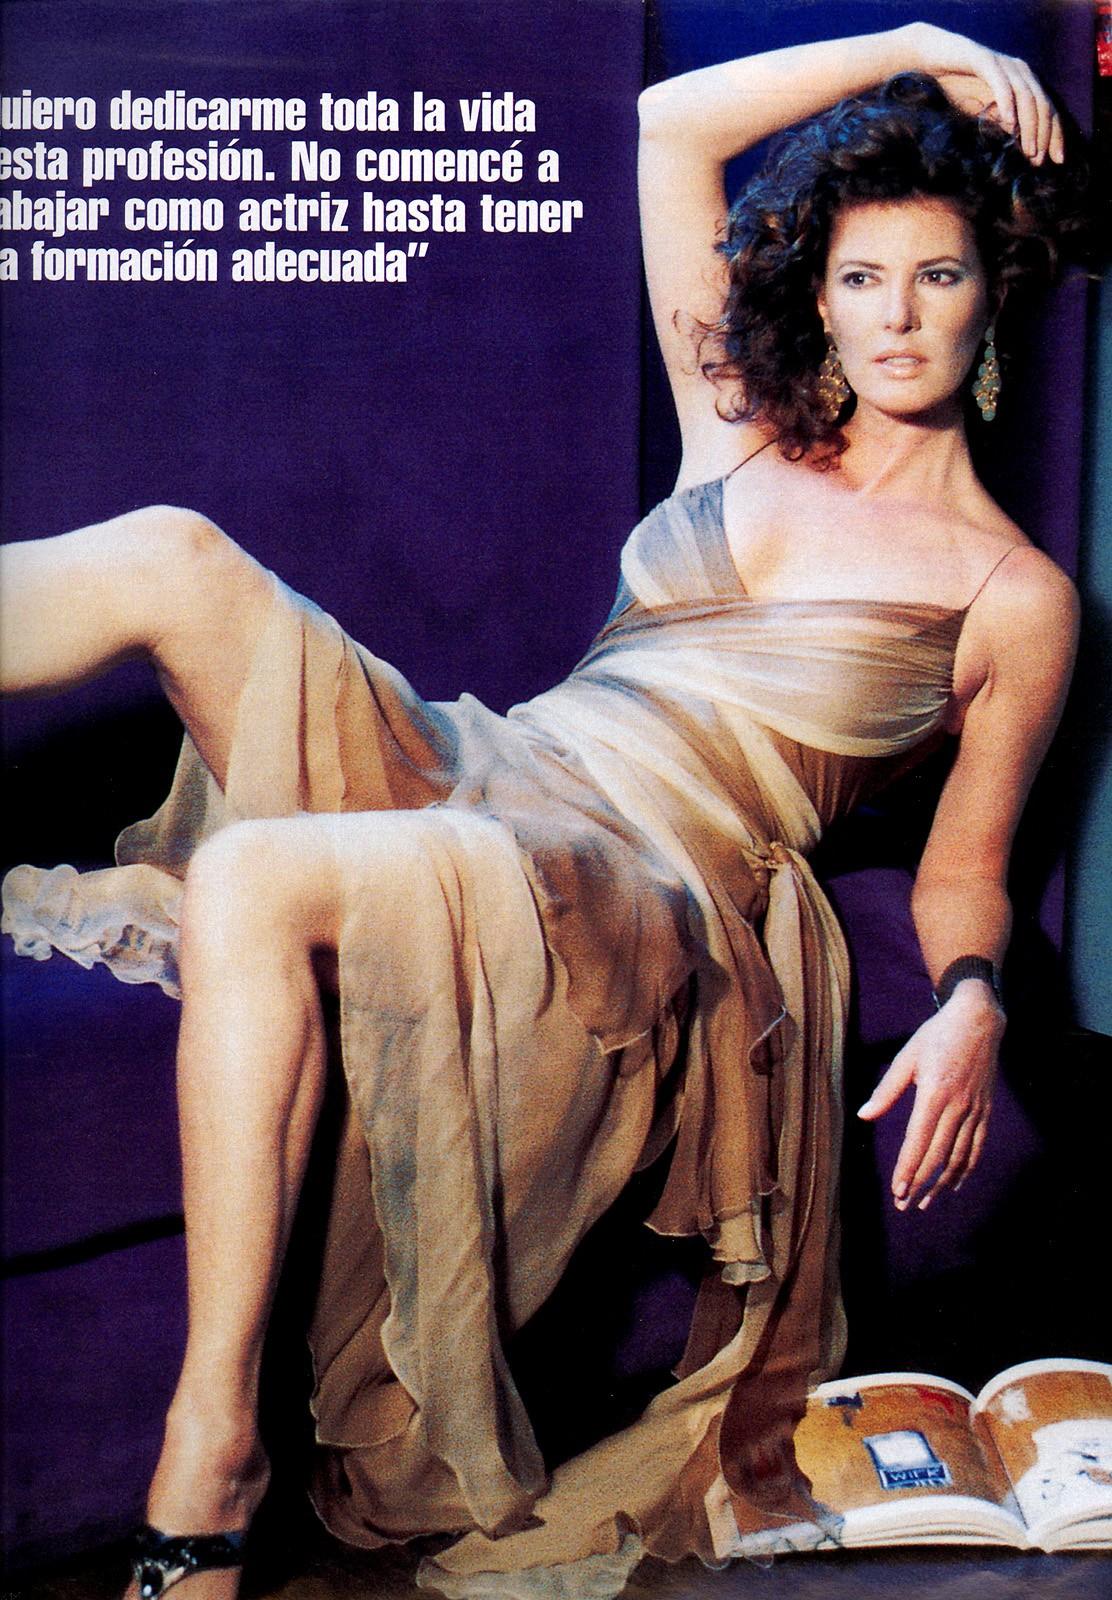 Fotos De Veronica Mengod Desnuda Página 2 Fotos De Famosastk